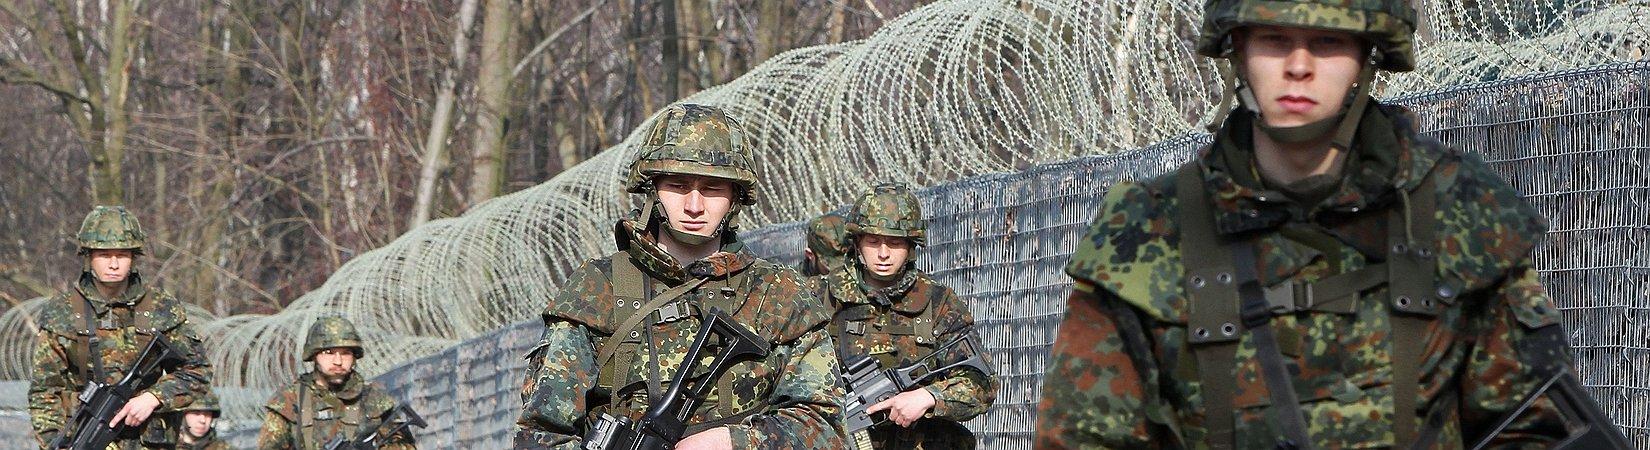 Deutschland plädiert für europäische Armee